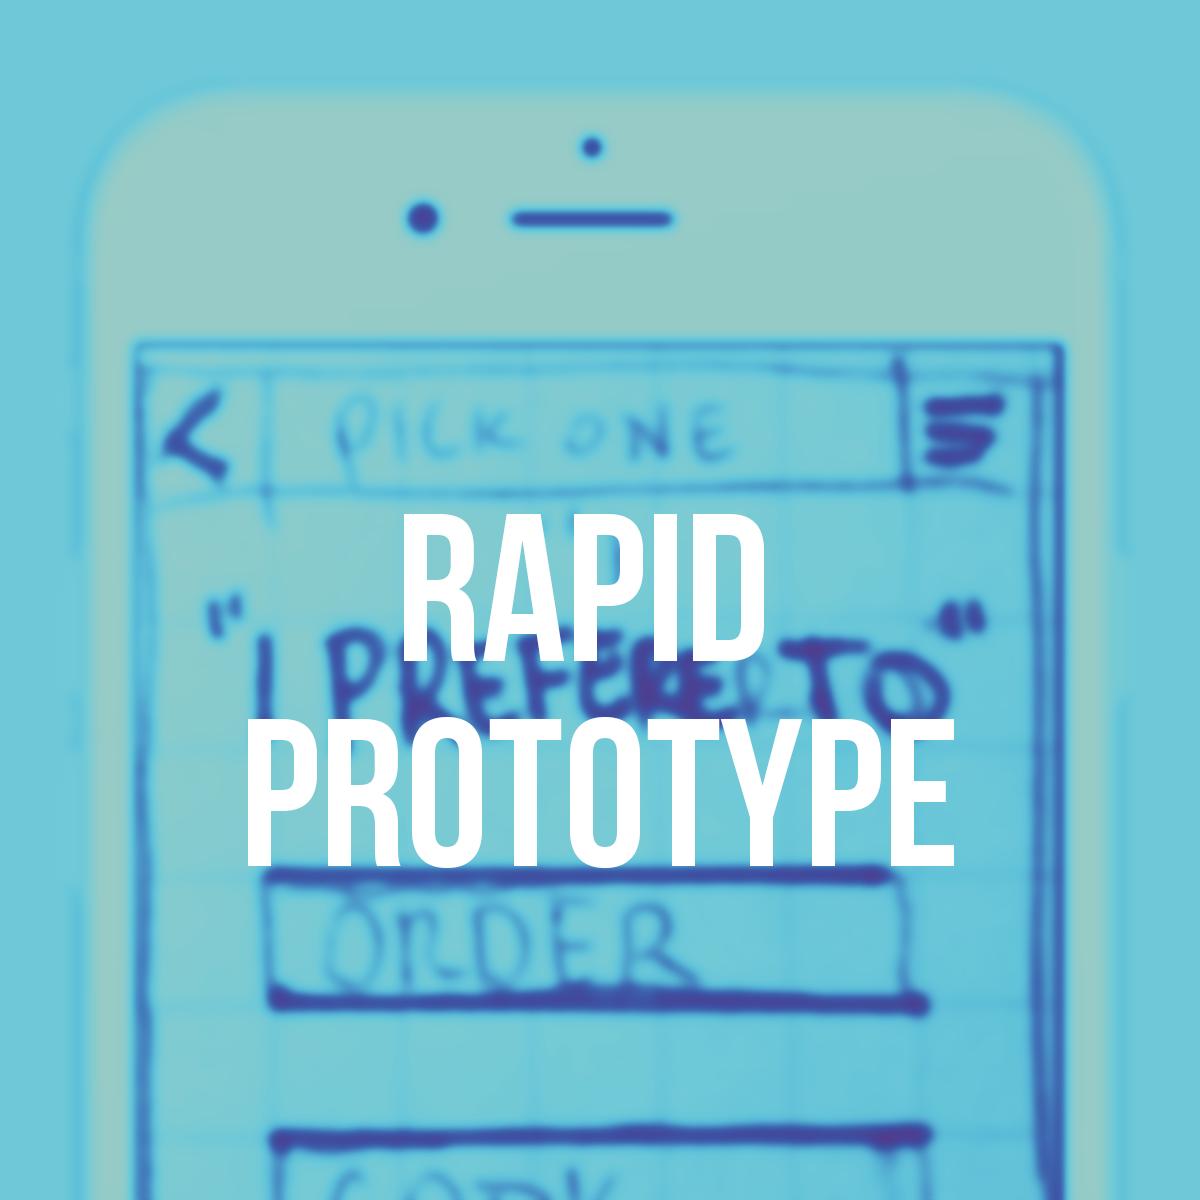 Rapid Prototype - Paper prototype excercise